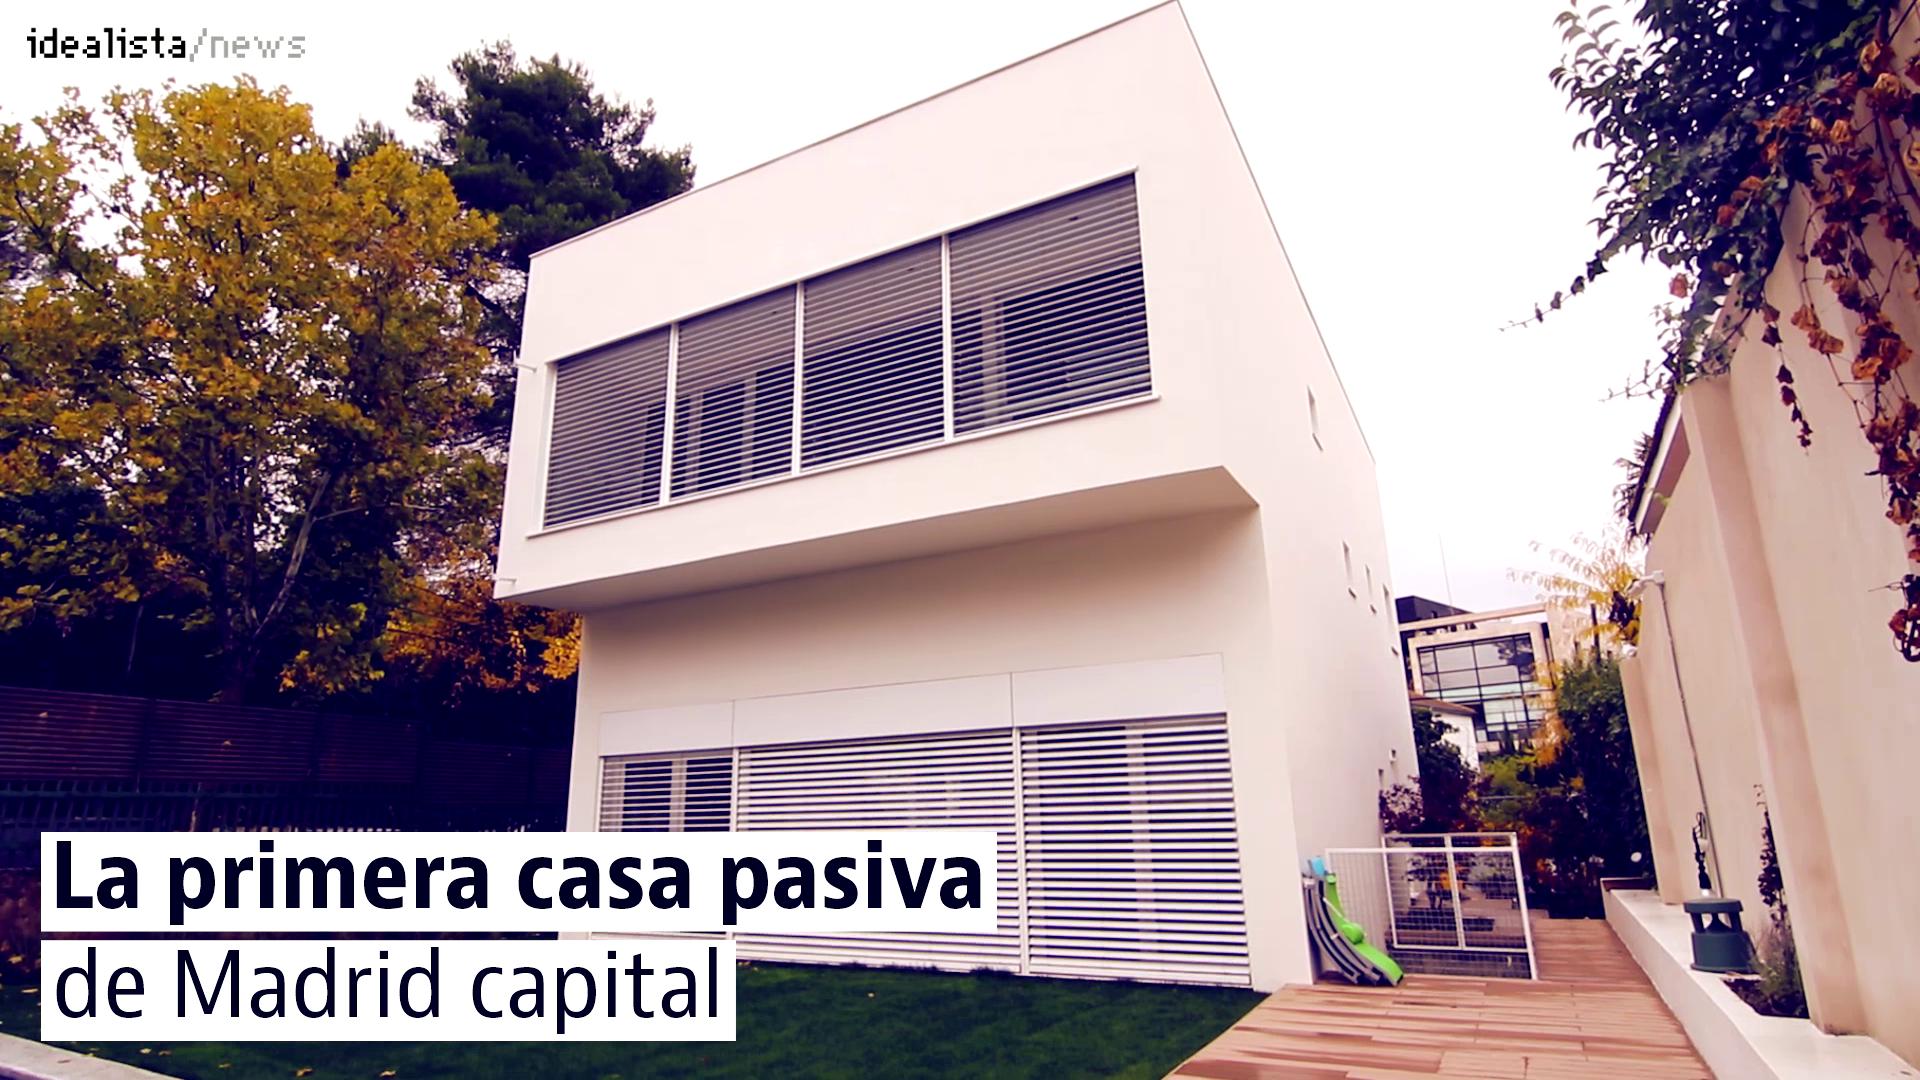 la vida en la primera casa pasiva de madrid capital mitos y verdades de las viviendas sostenibles u